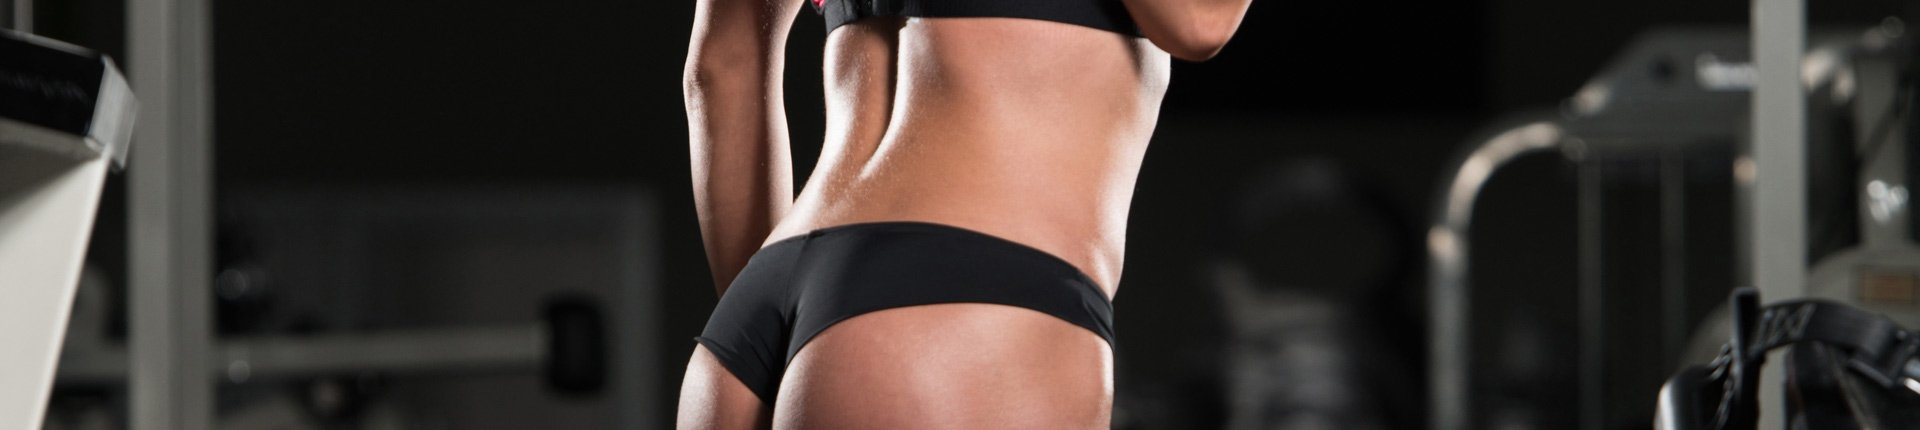 Jak zejść nisko z poziomem tkanki tłuszczowej?